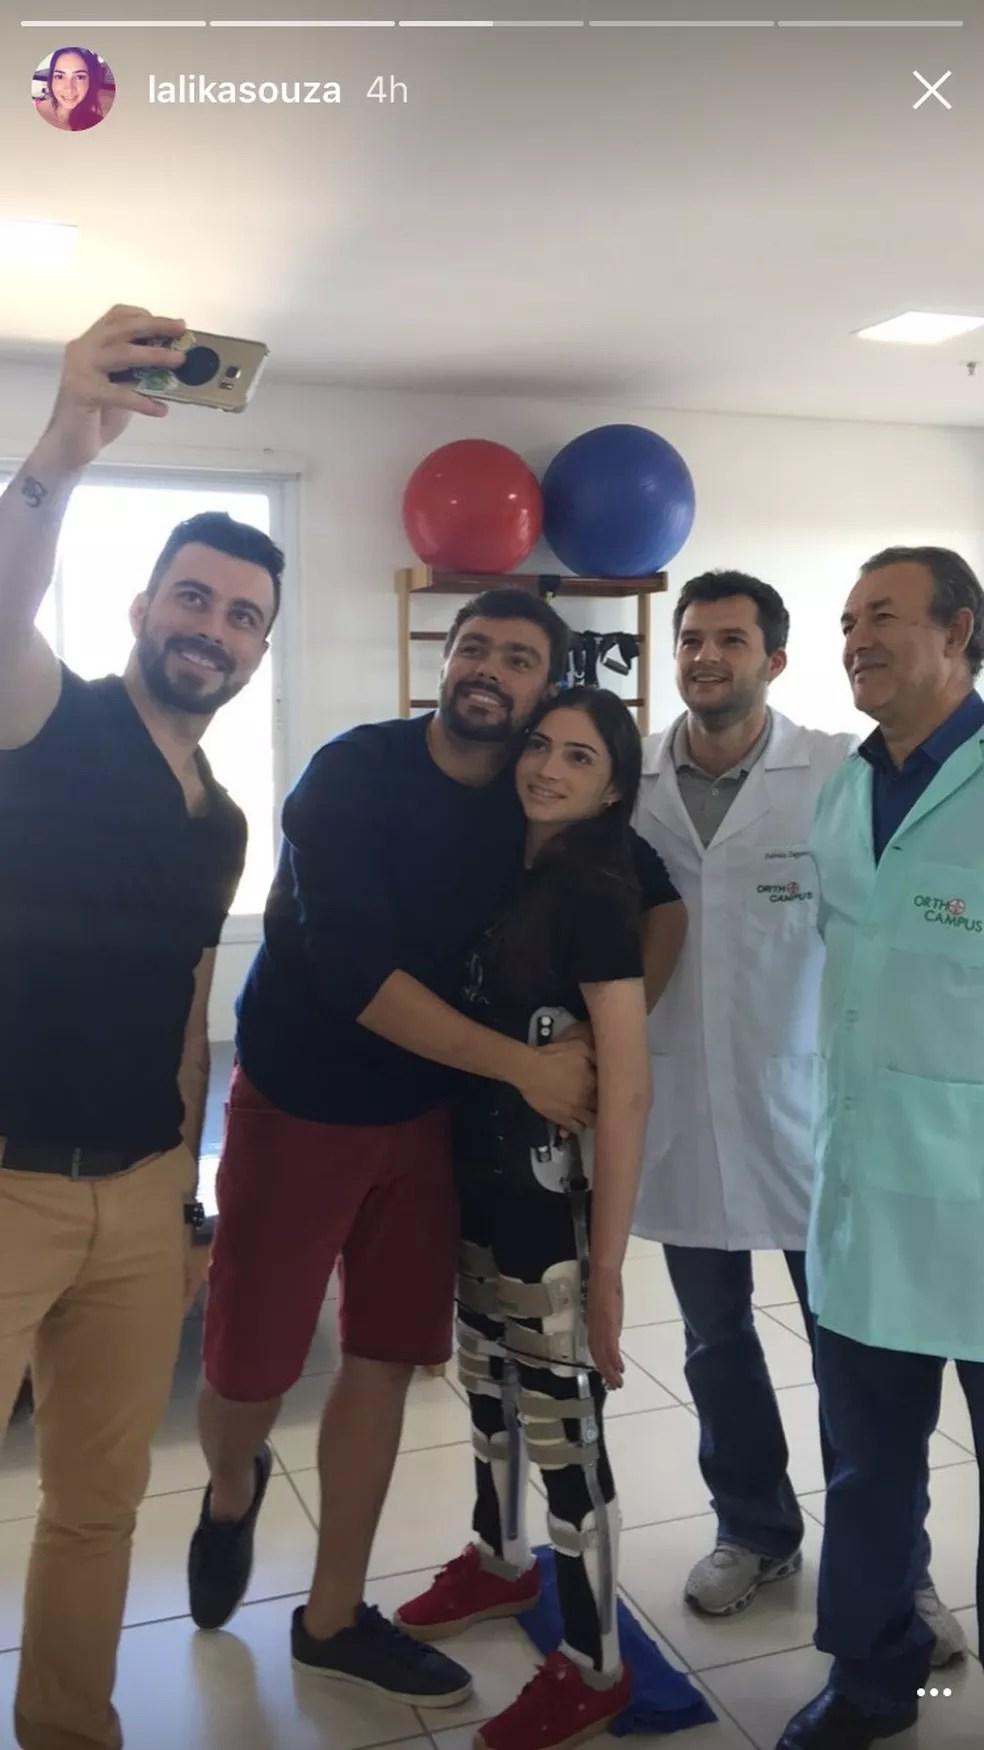 Lais Souza fica em pé com a ajuda de aparelho e posa para foto a equipe que cuida da sua reabilitação (Foto: Reprodução Instagram)